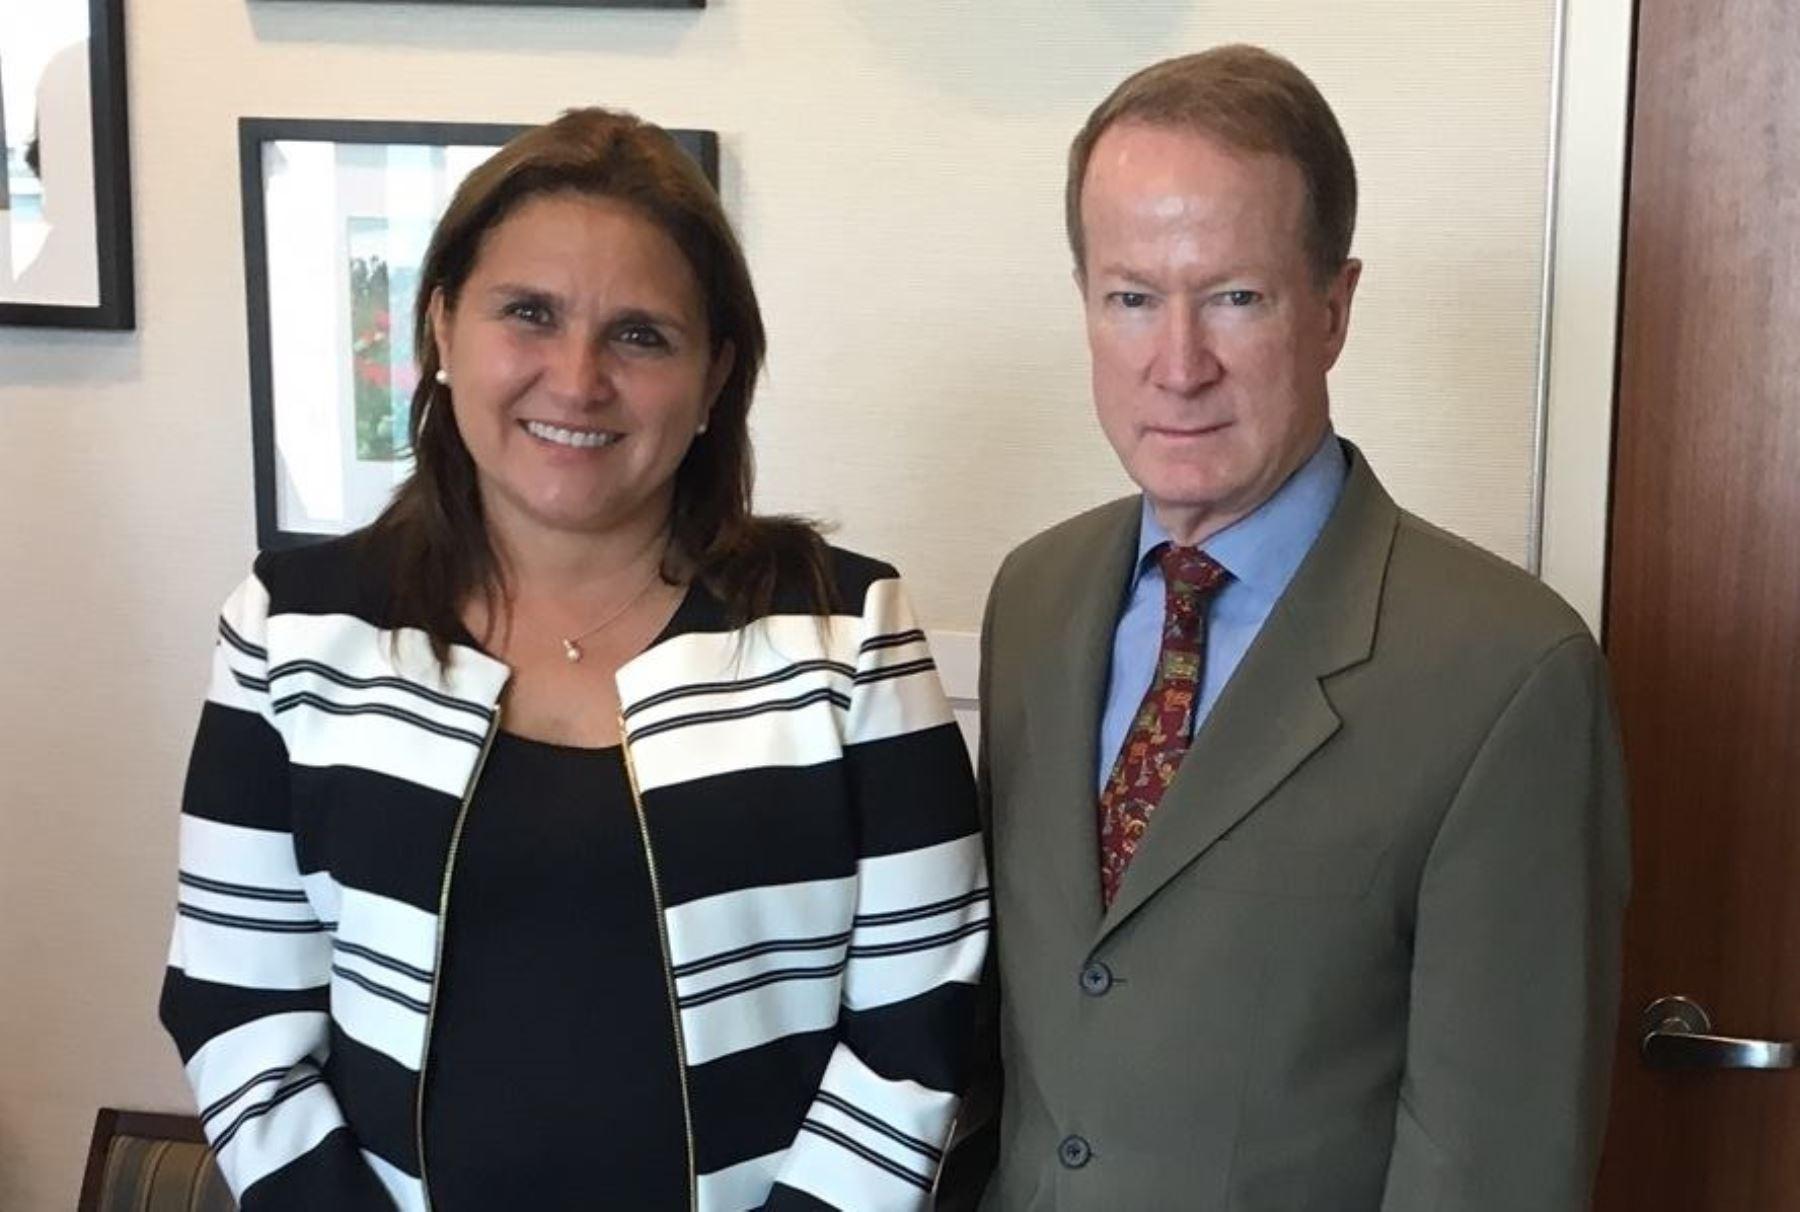 Ministra de Justicia, María Soledad Pérez Tello, se reunió con Secretario de Estado Asistente para Asuntos Internacionales Antinarcóticos y Cumplimiento de la Ley de Estados Unidos, William Brownfield.